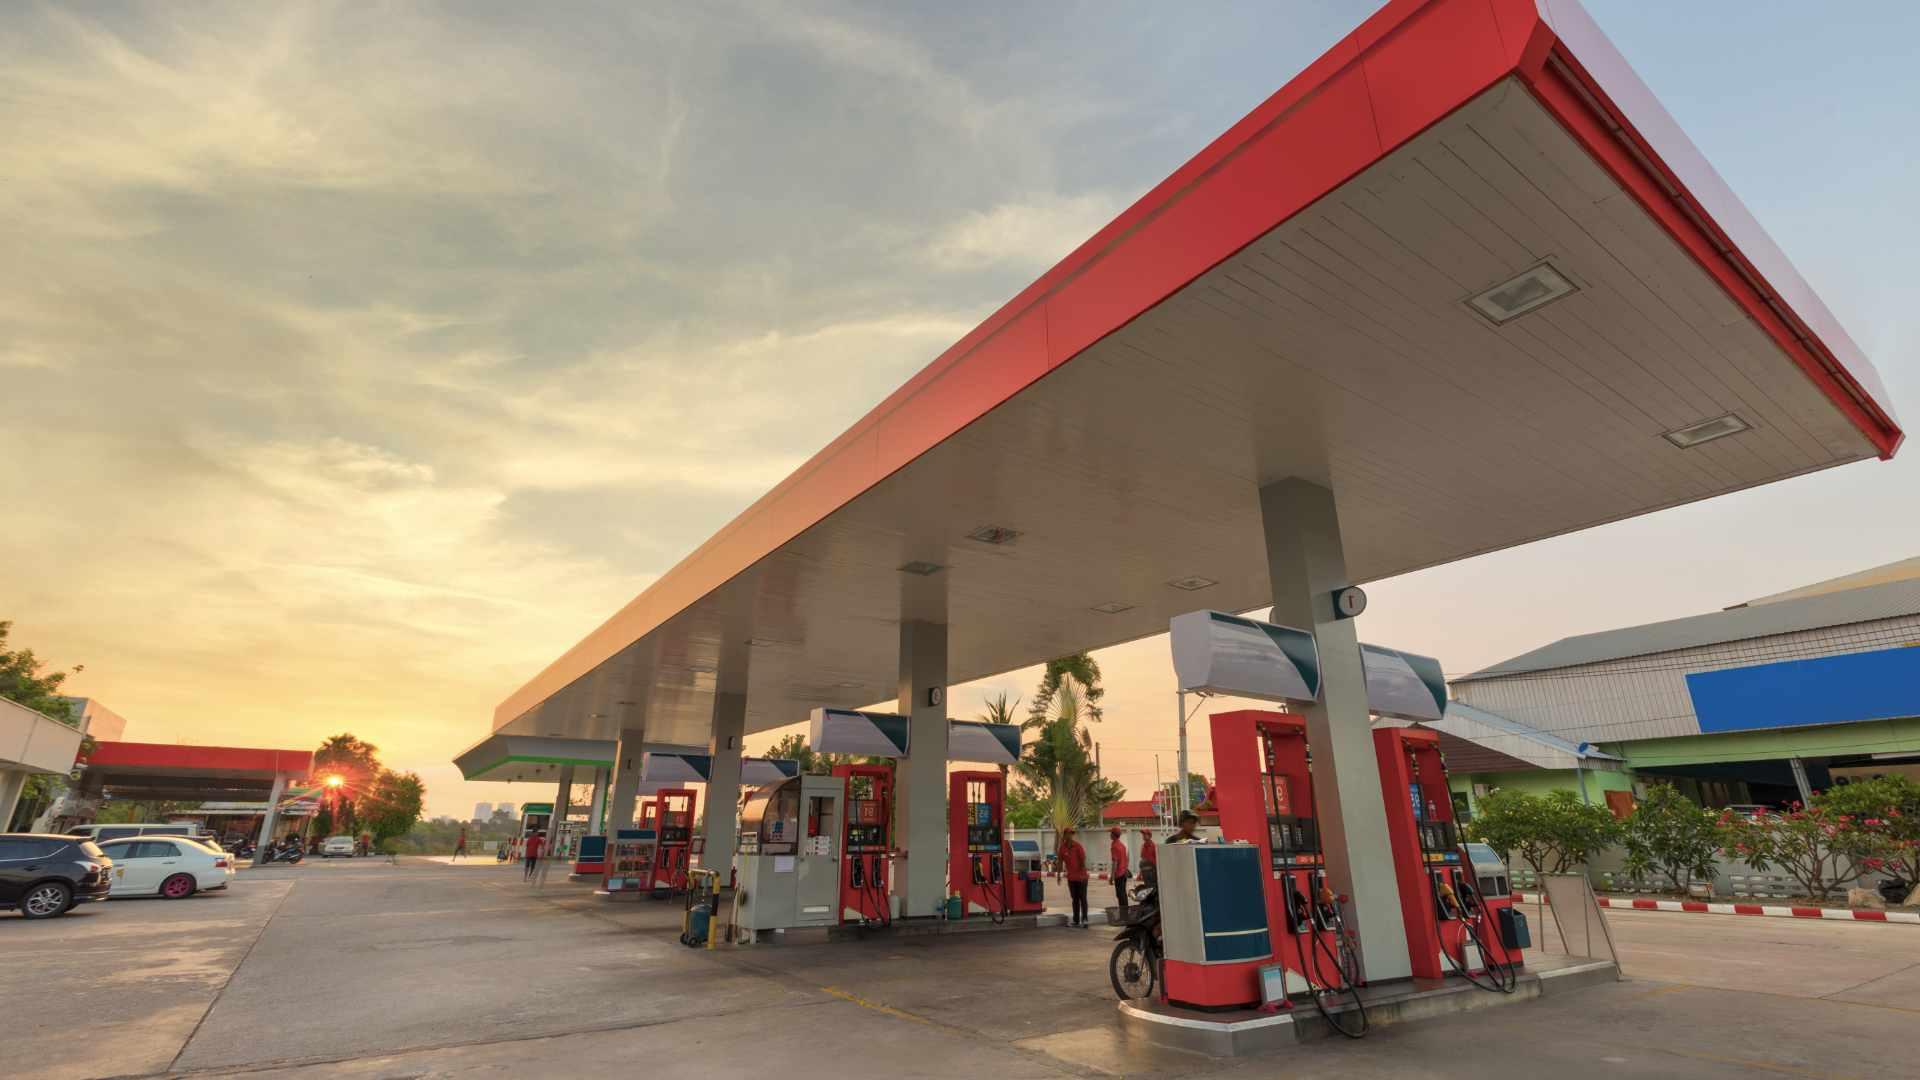 Como [destacar seu posto de gasolina] da concorrência gastando pouco